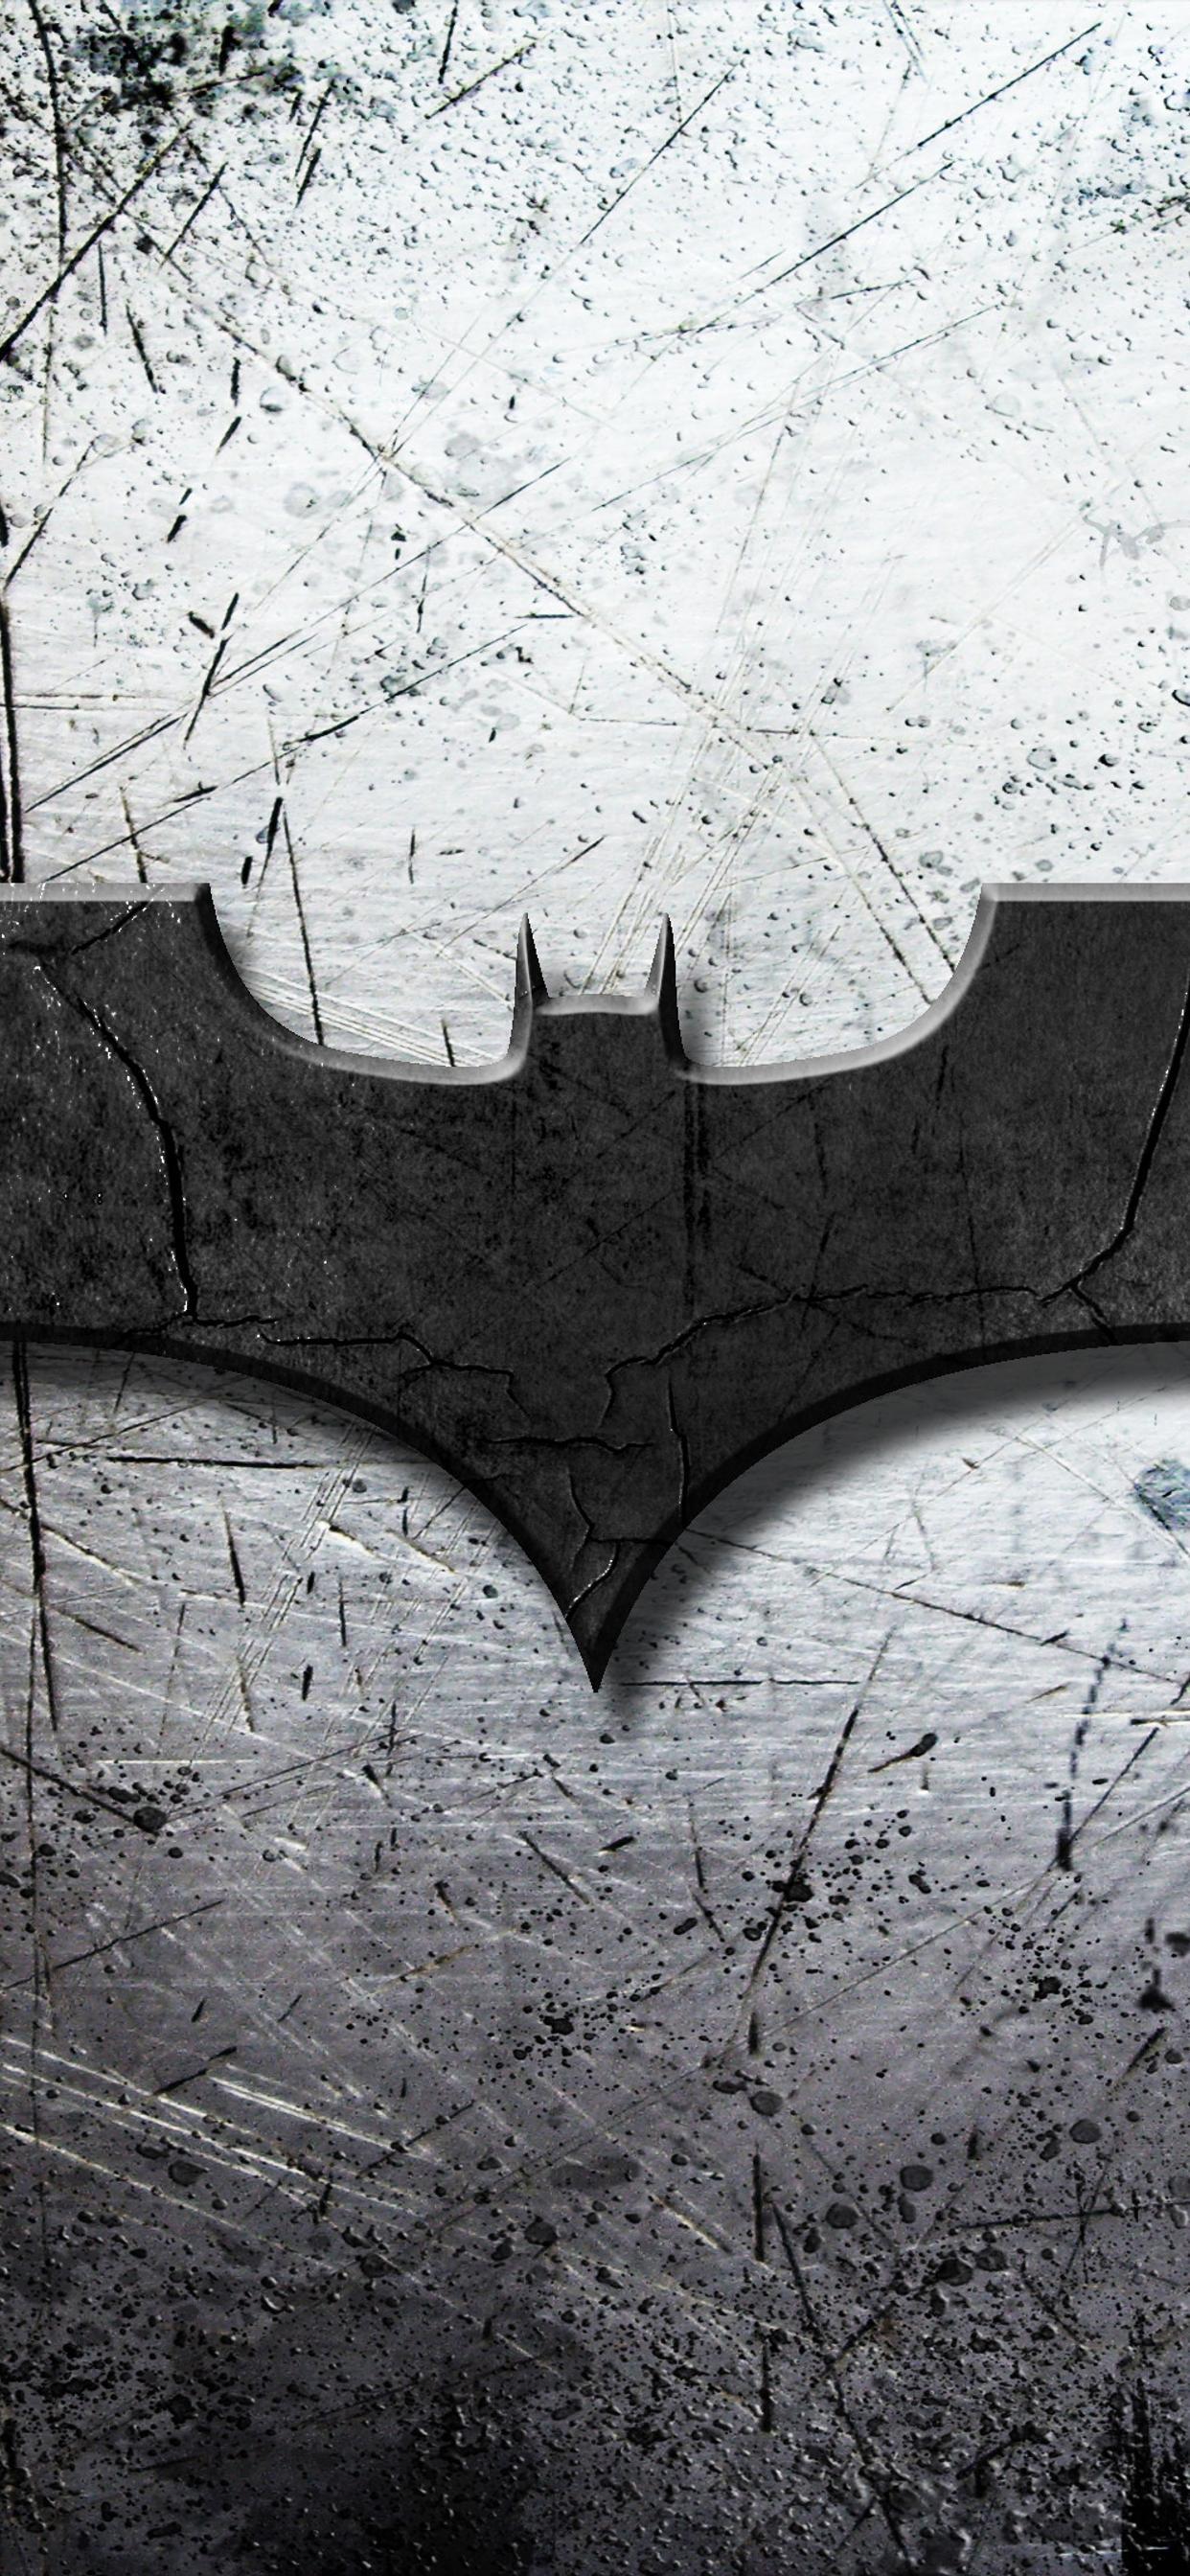 Batman Is In The Town Hd Wallpaper